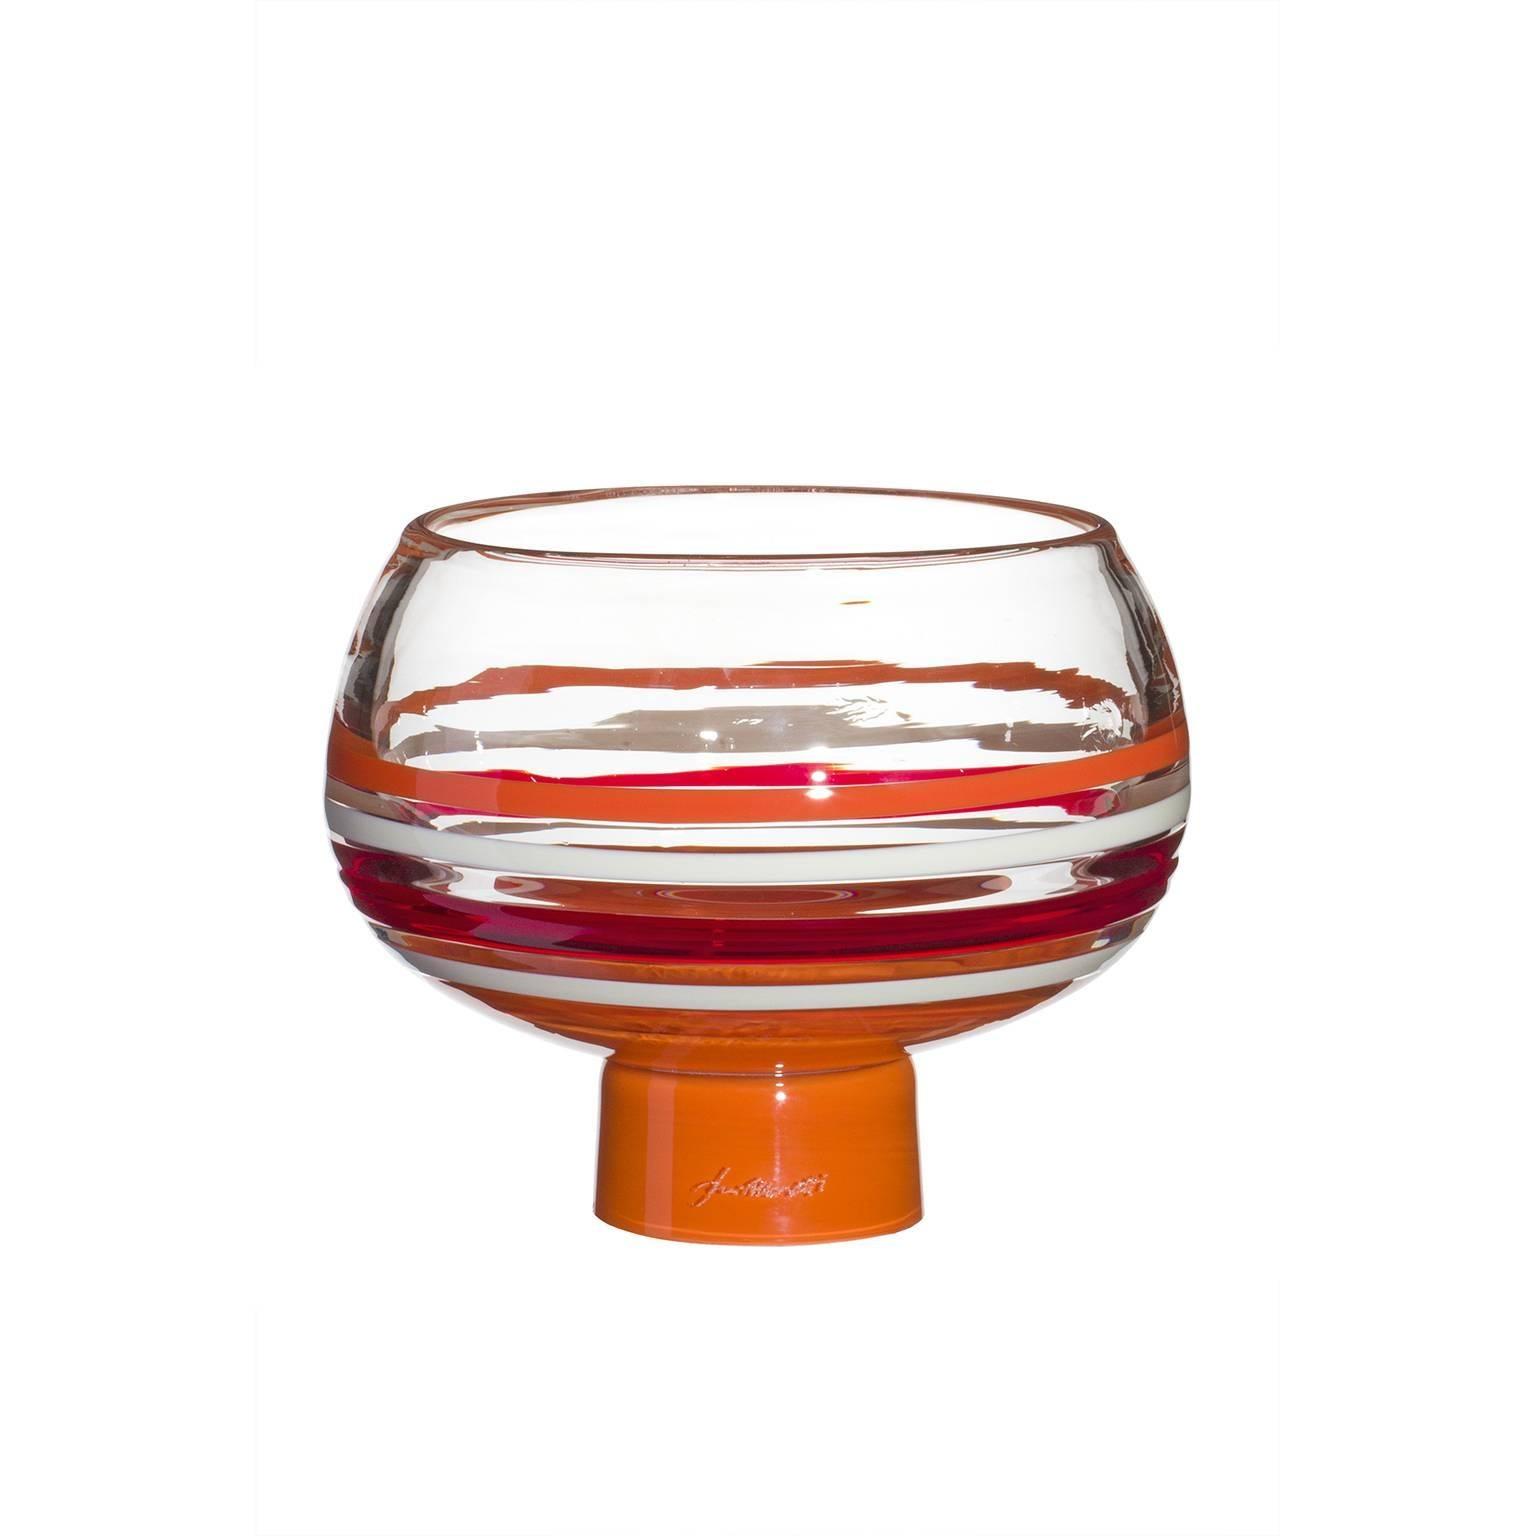 Vola Carlo Moretti Mouth Blown Murano Glass Bowl